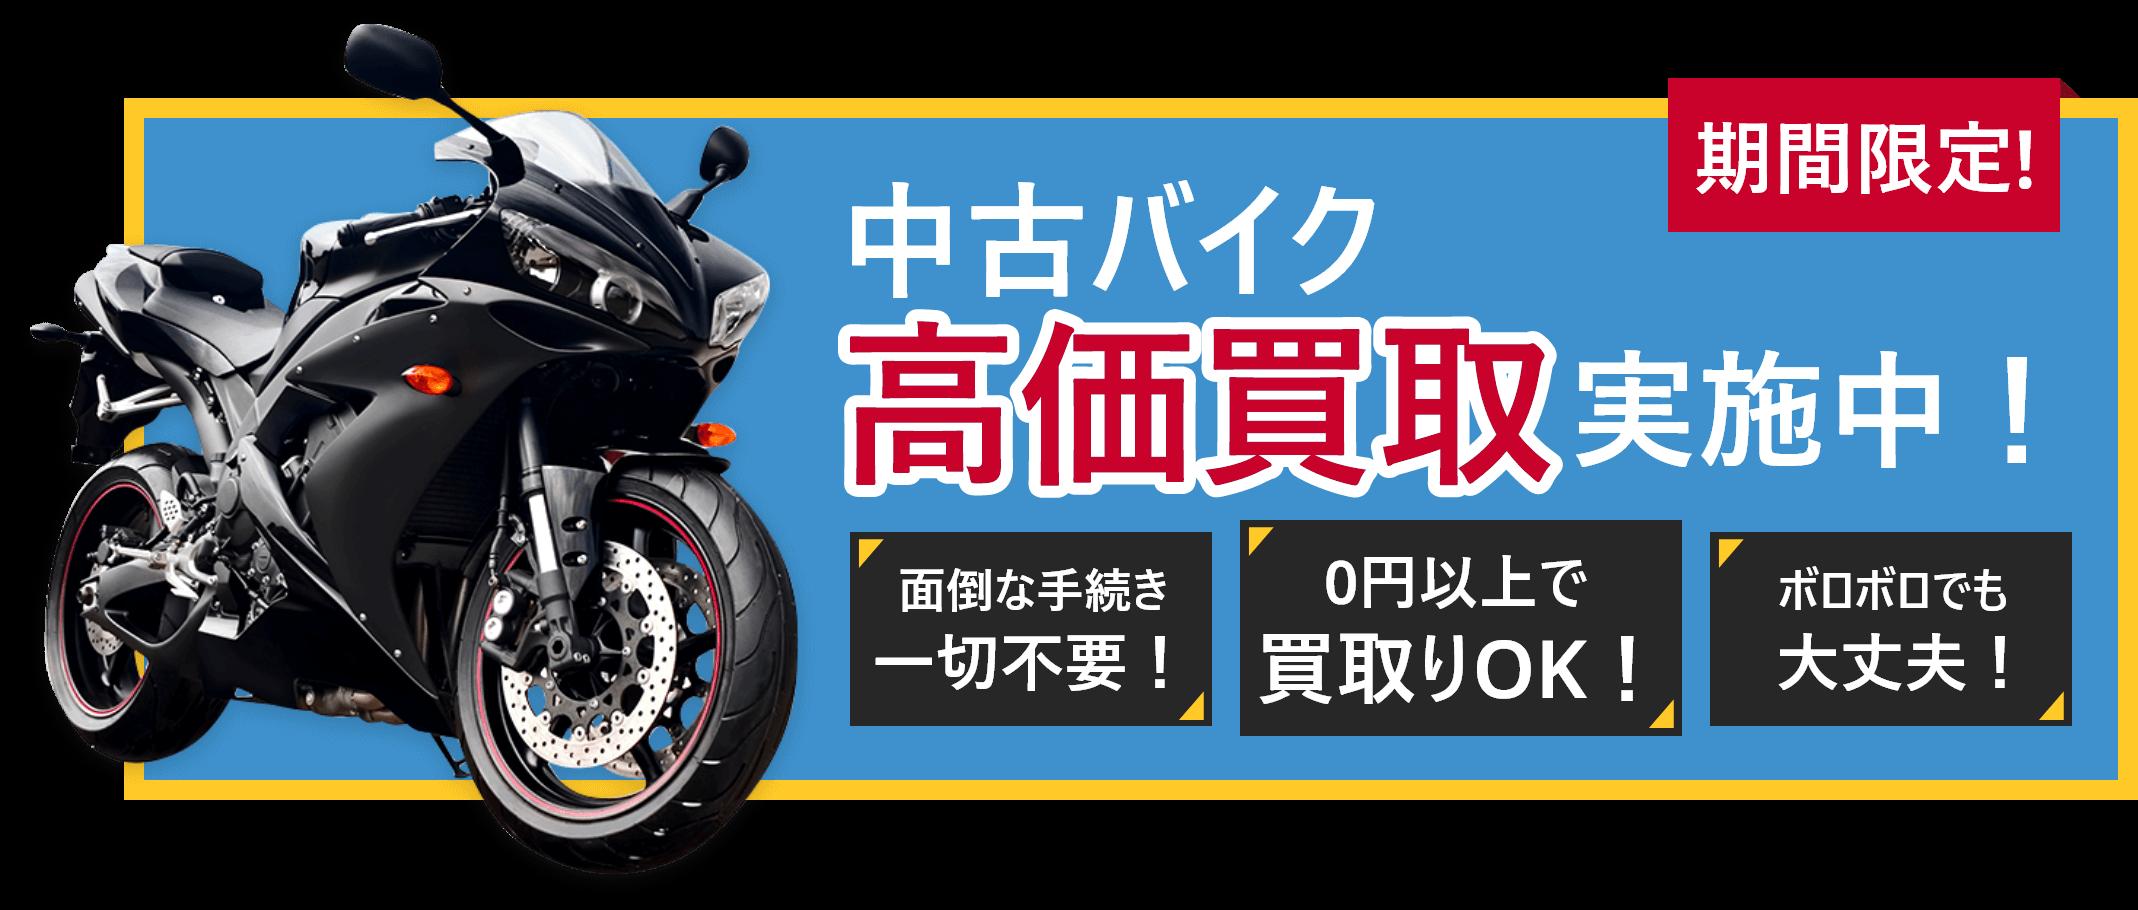 中古バイク高価買取実施中!